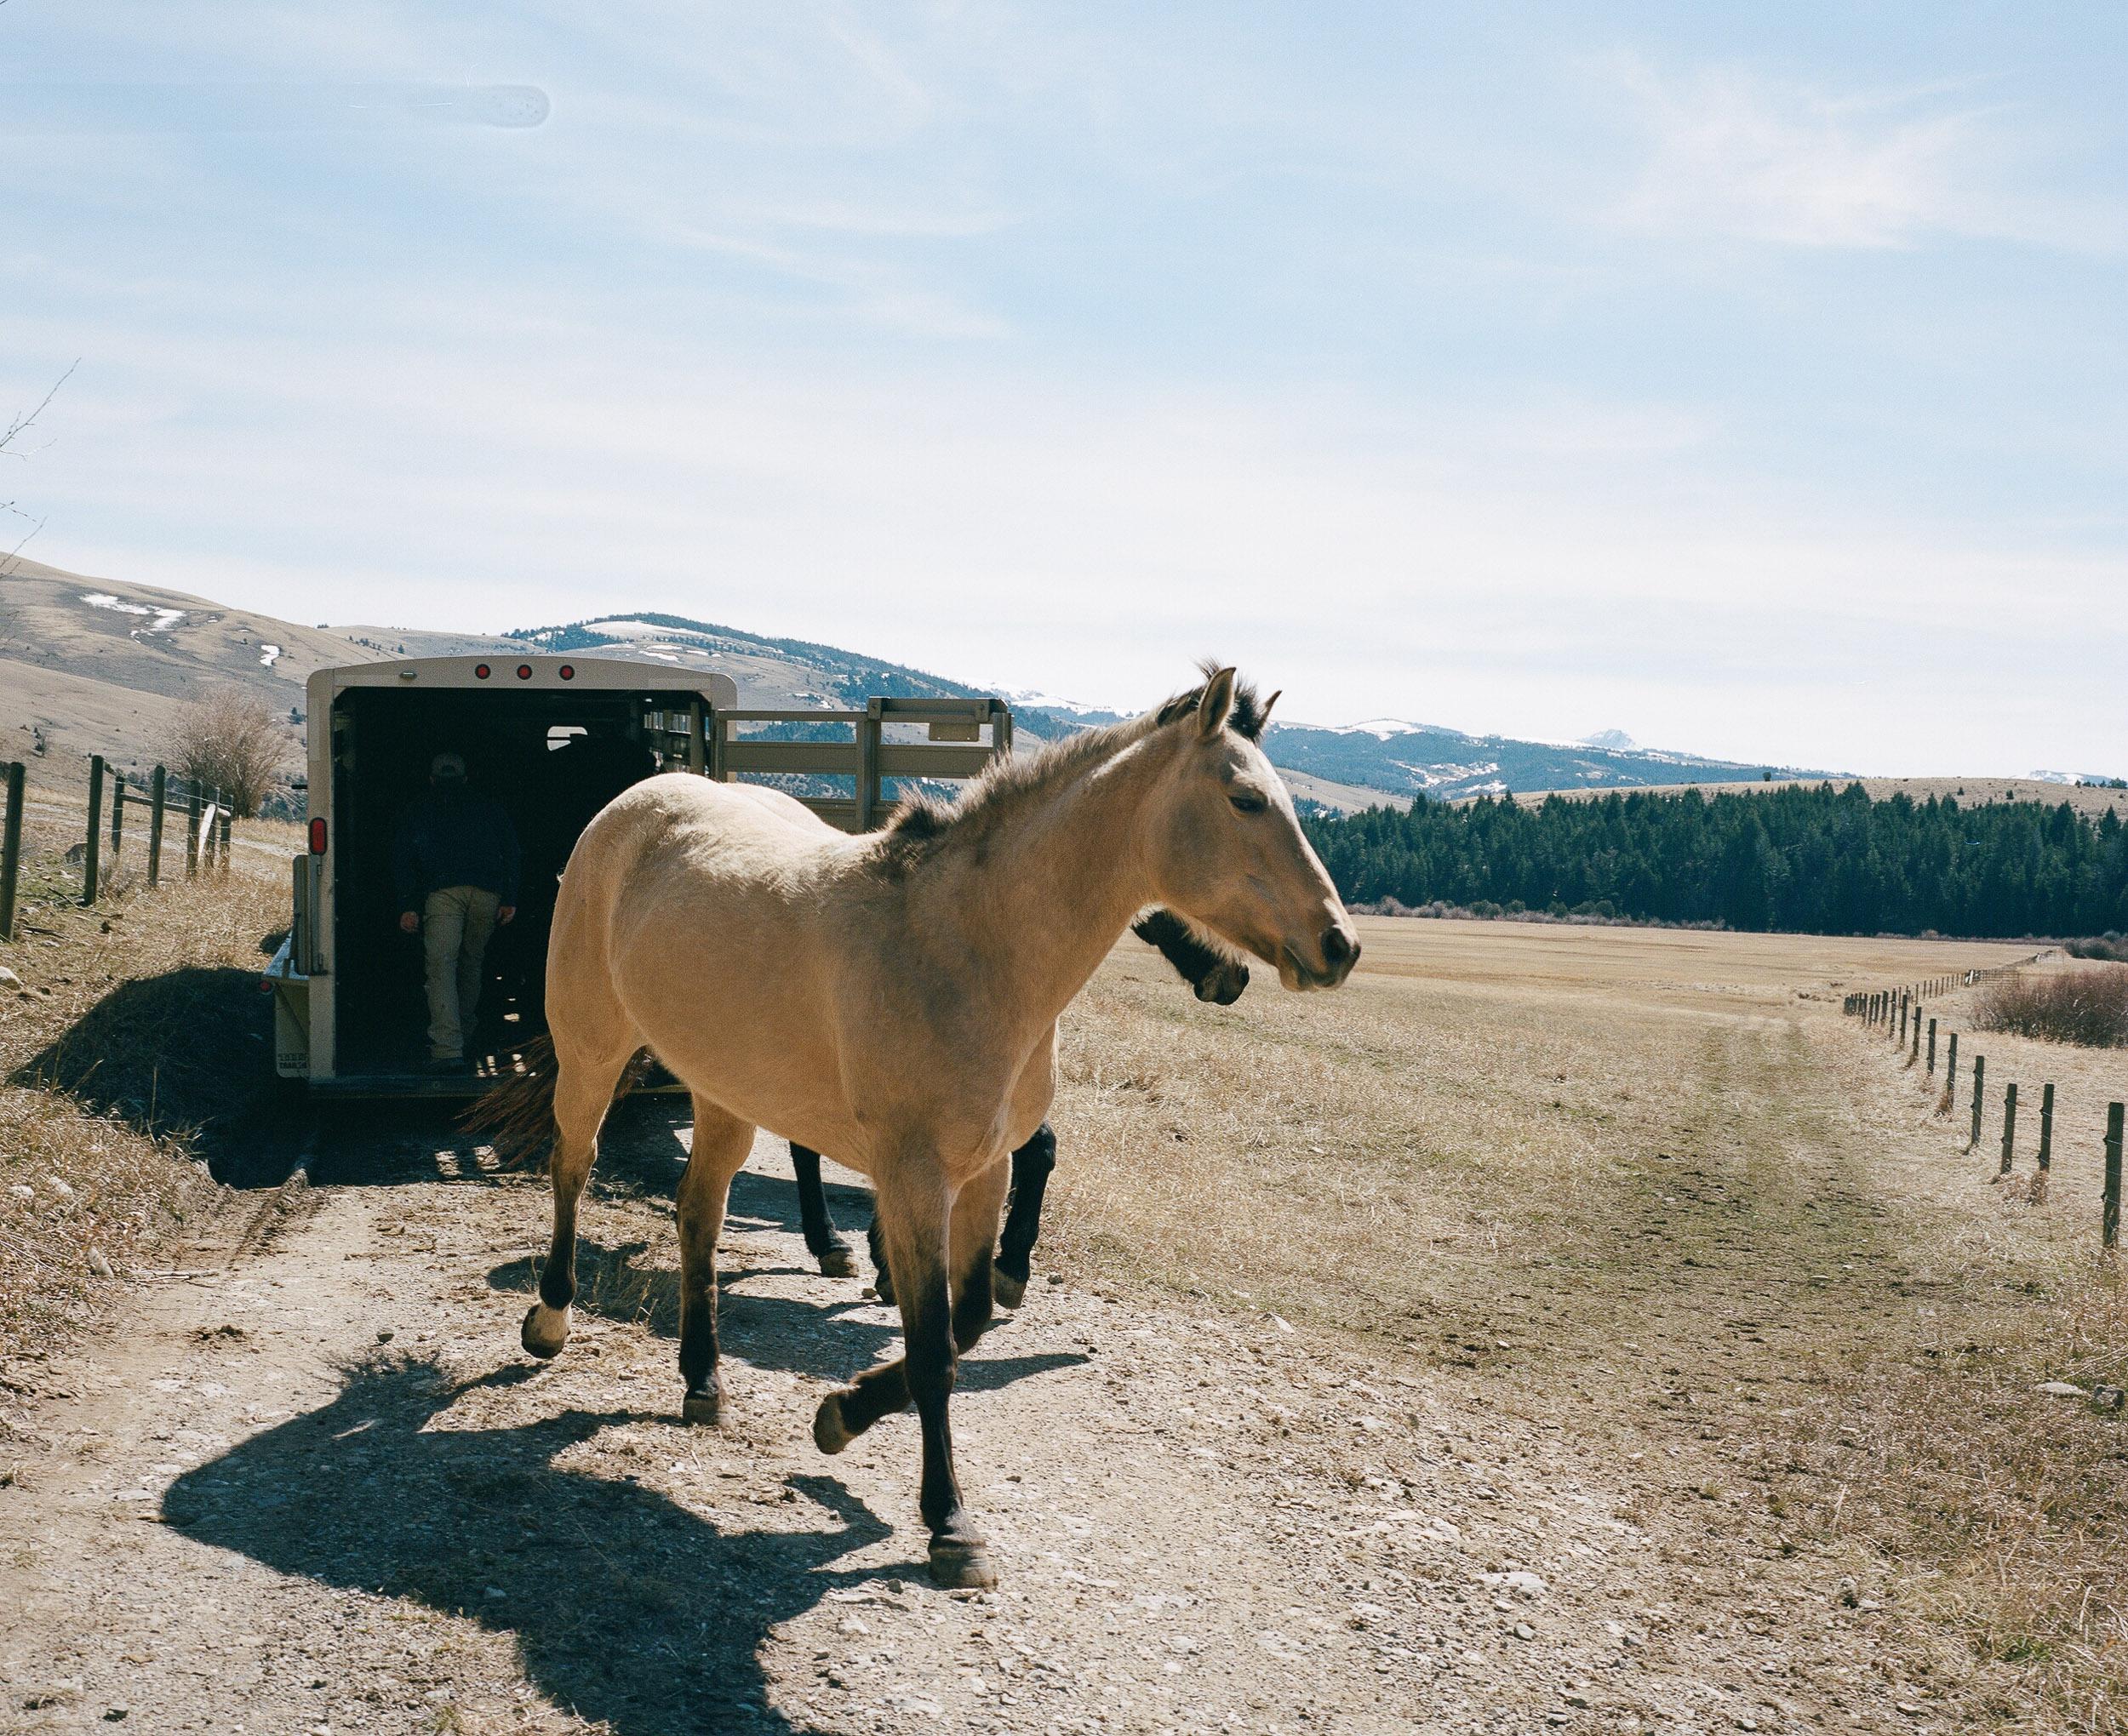 Horse exiting a horse trailer in Montana